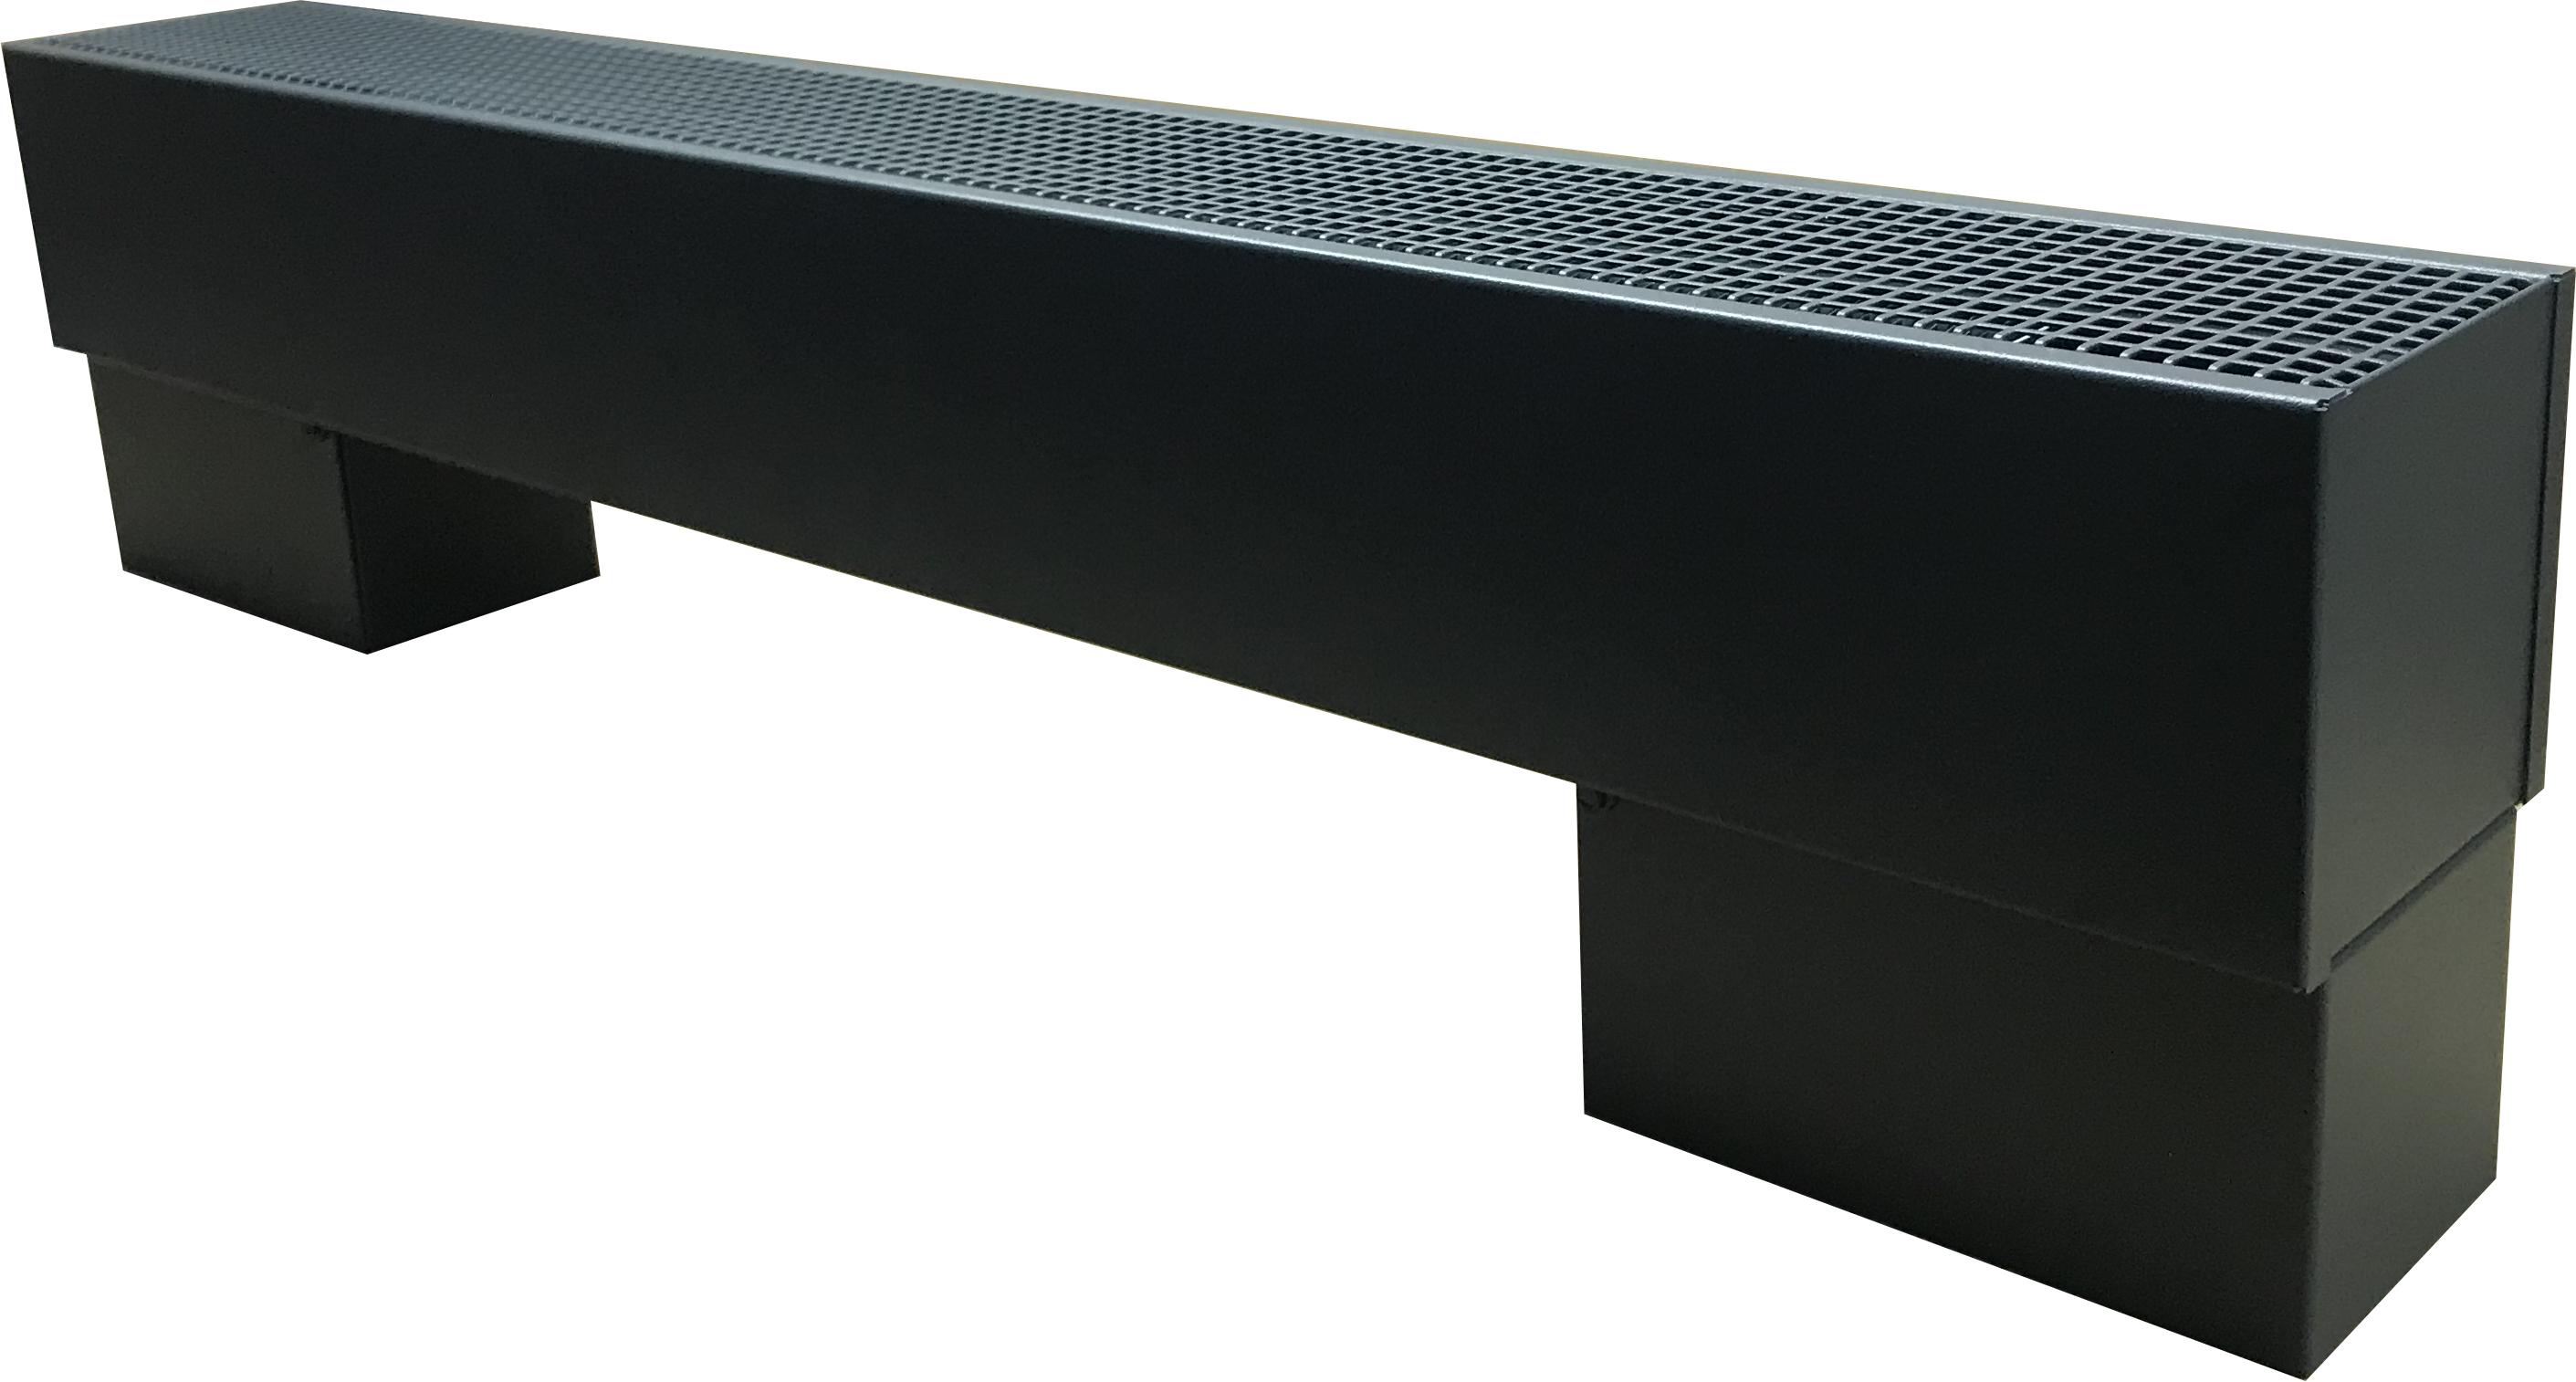 Новый дизайн напольного конвектора Techno Vita